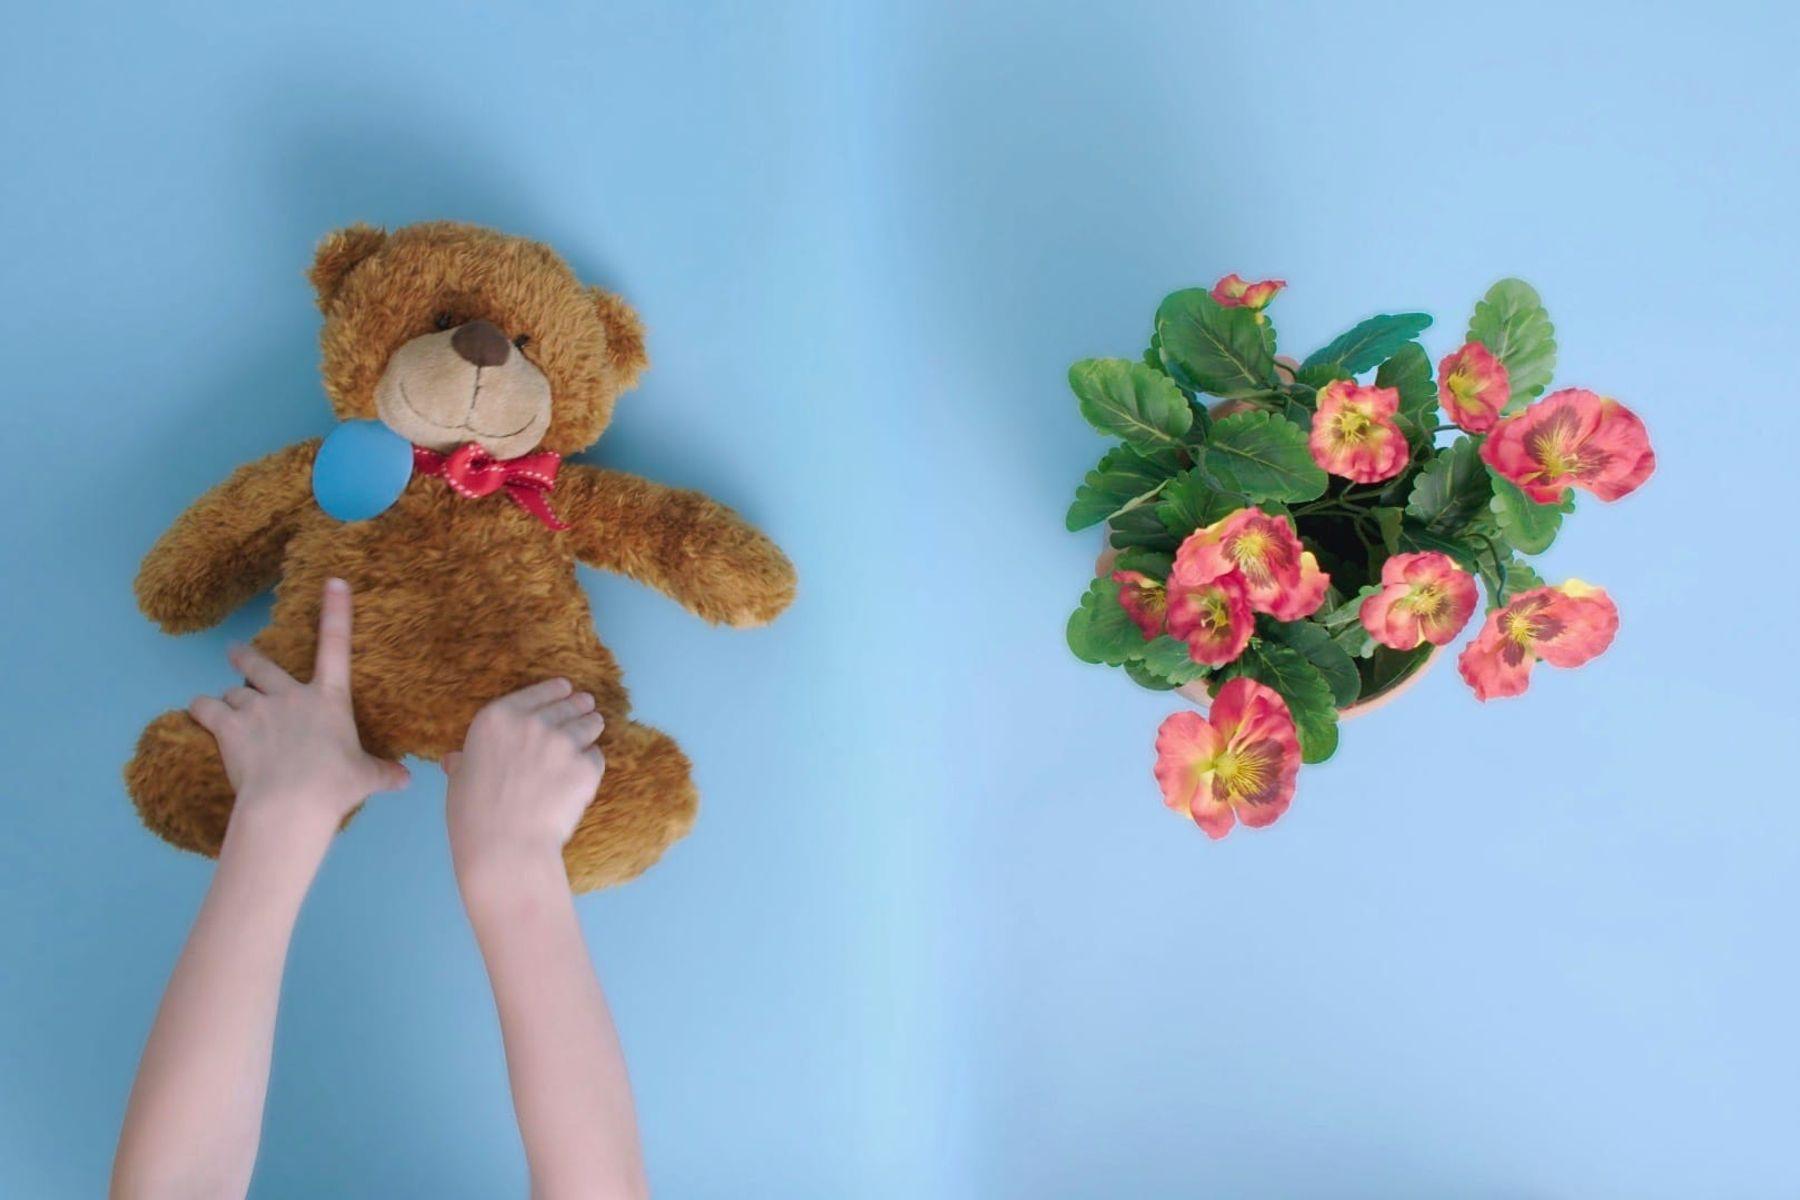 lapsen kädet, joilla on nallekarhu ja kukka